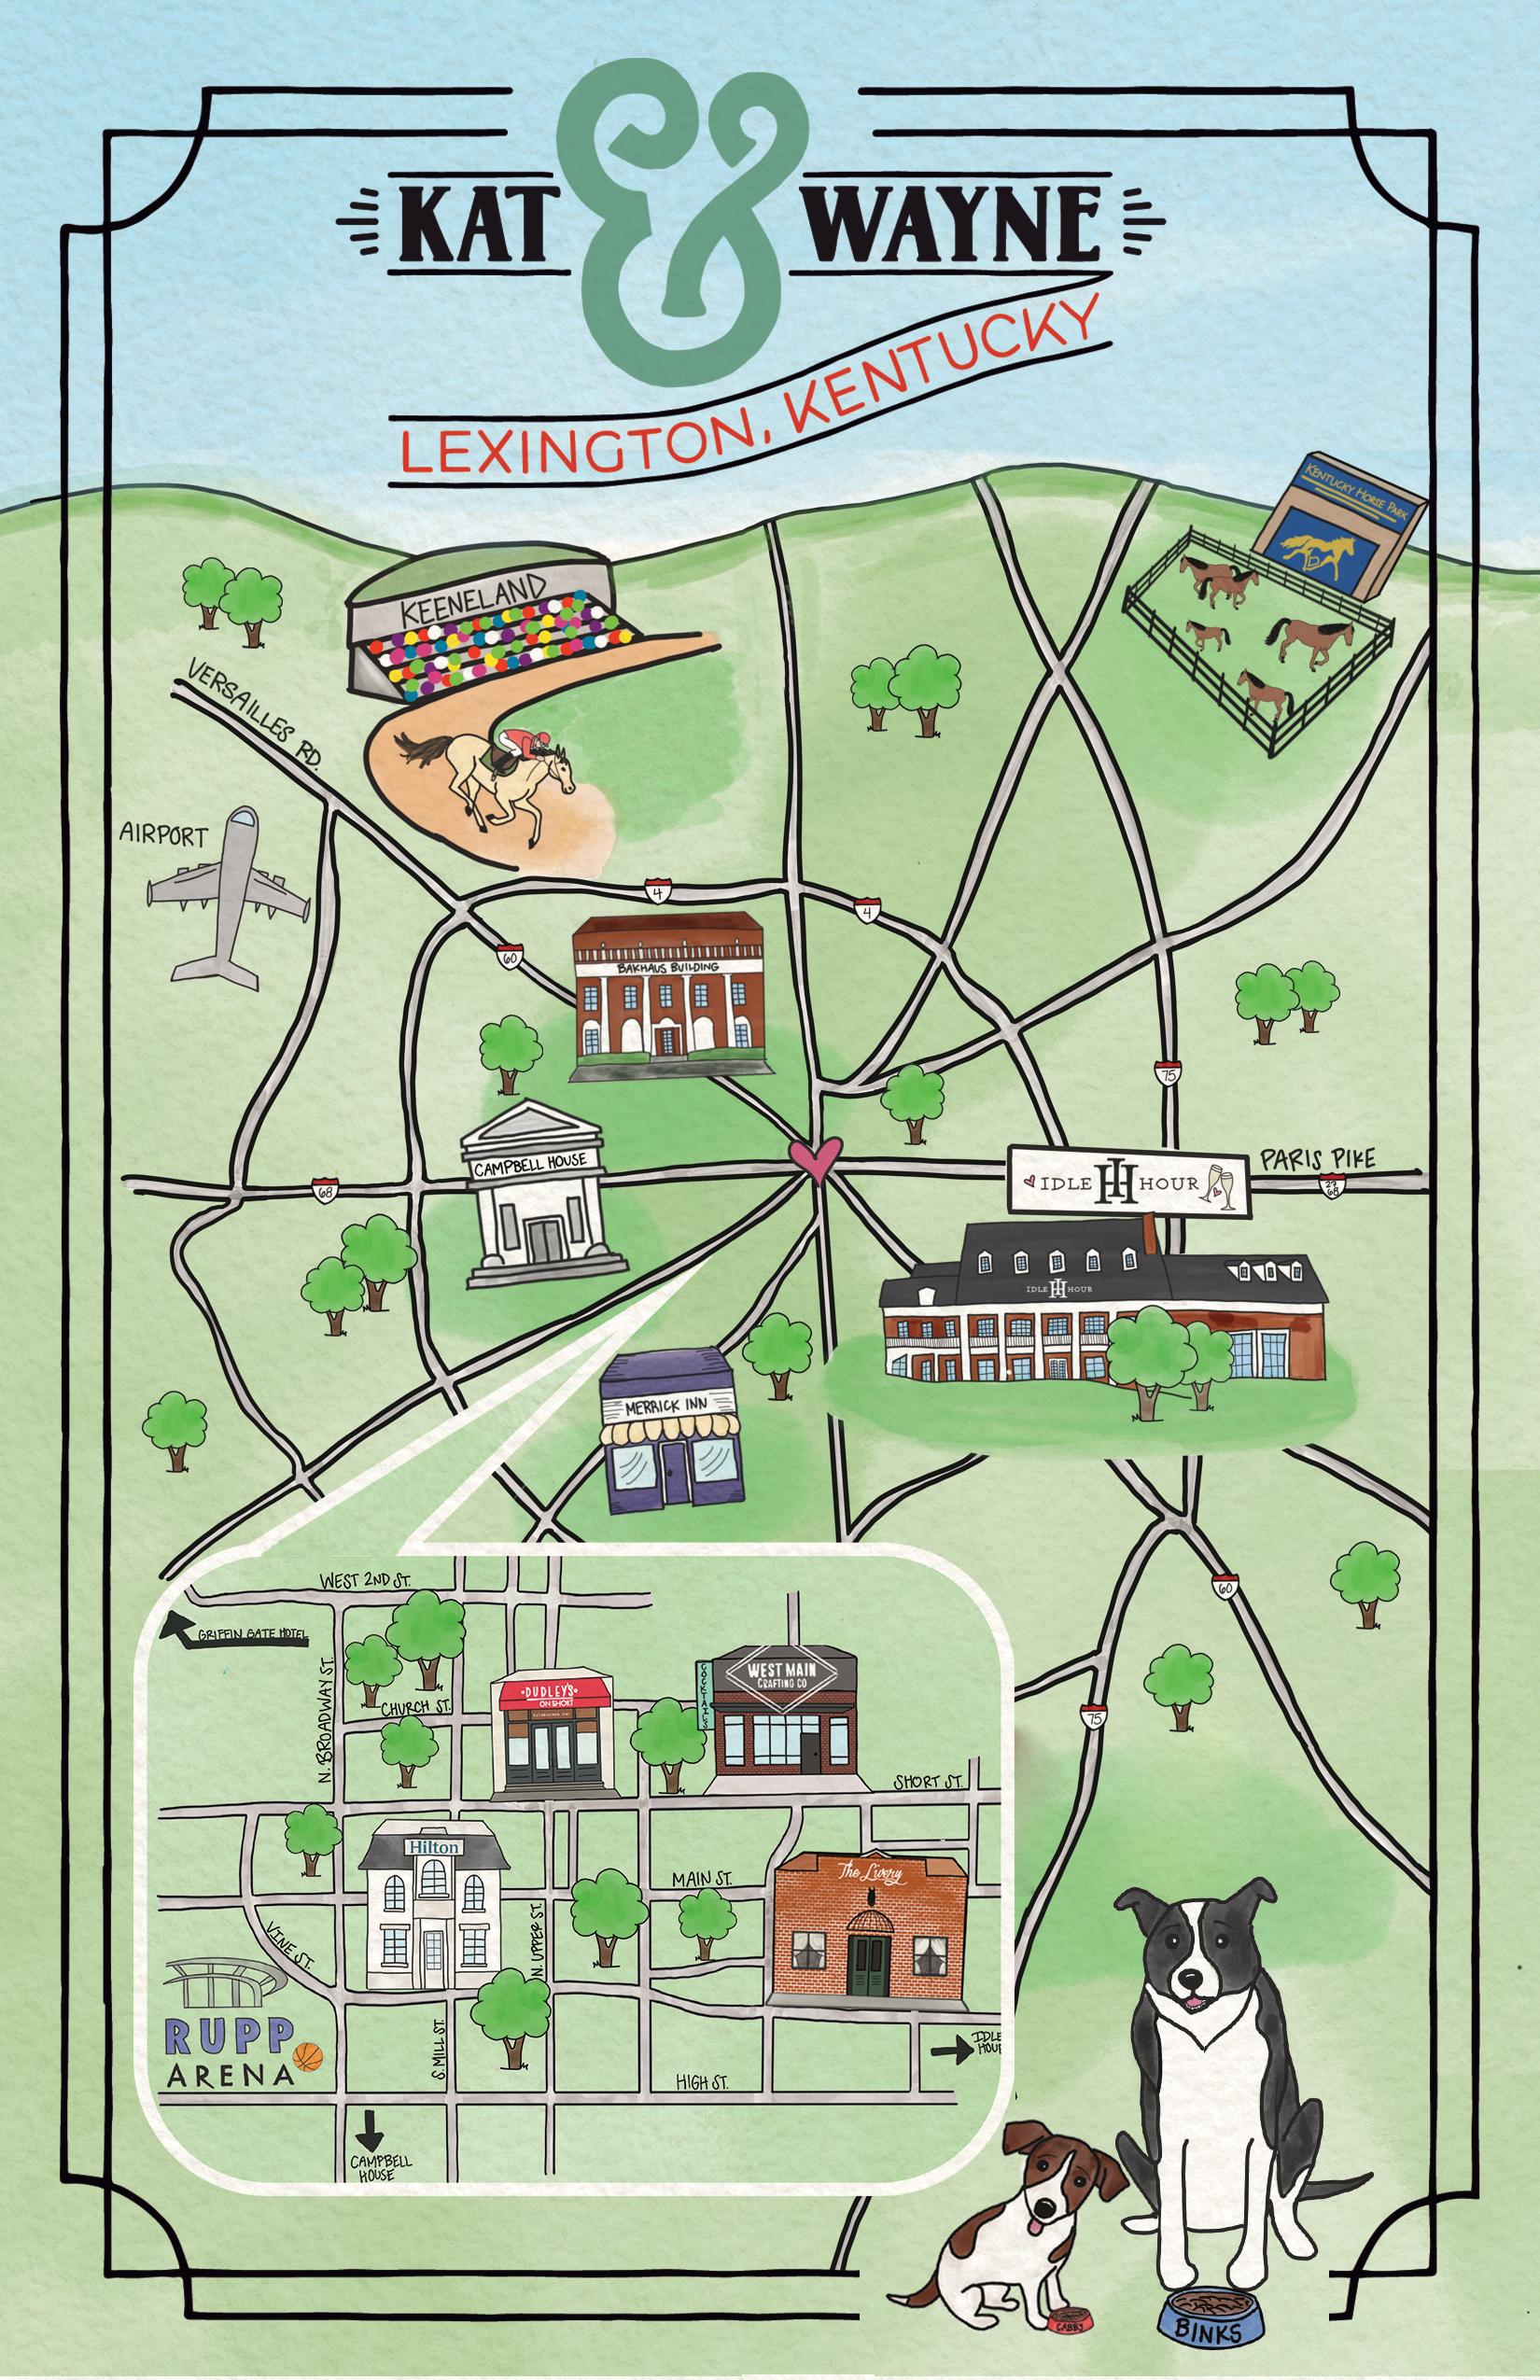 katwayneweddingmap (2).png